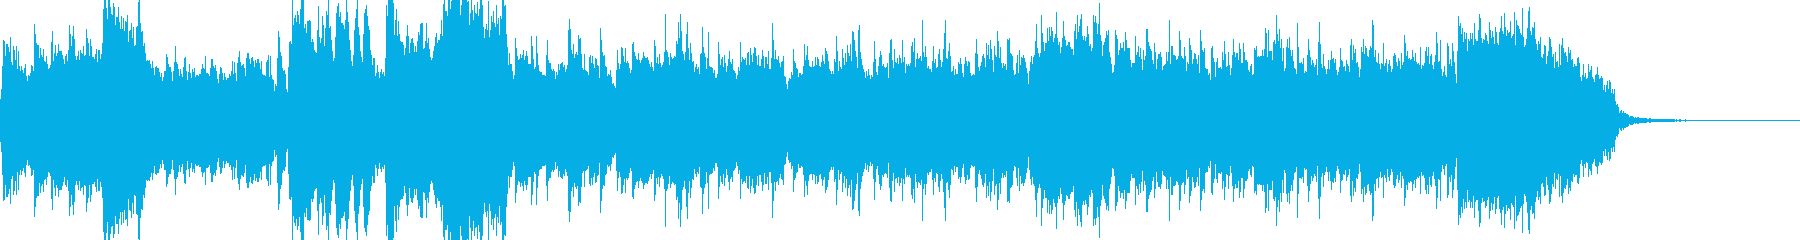 オーケストラによる和風オープニングの再生済みの波形